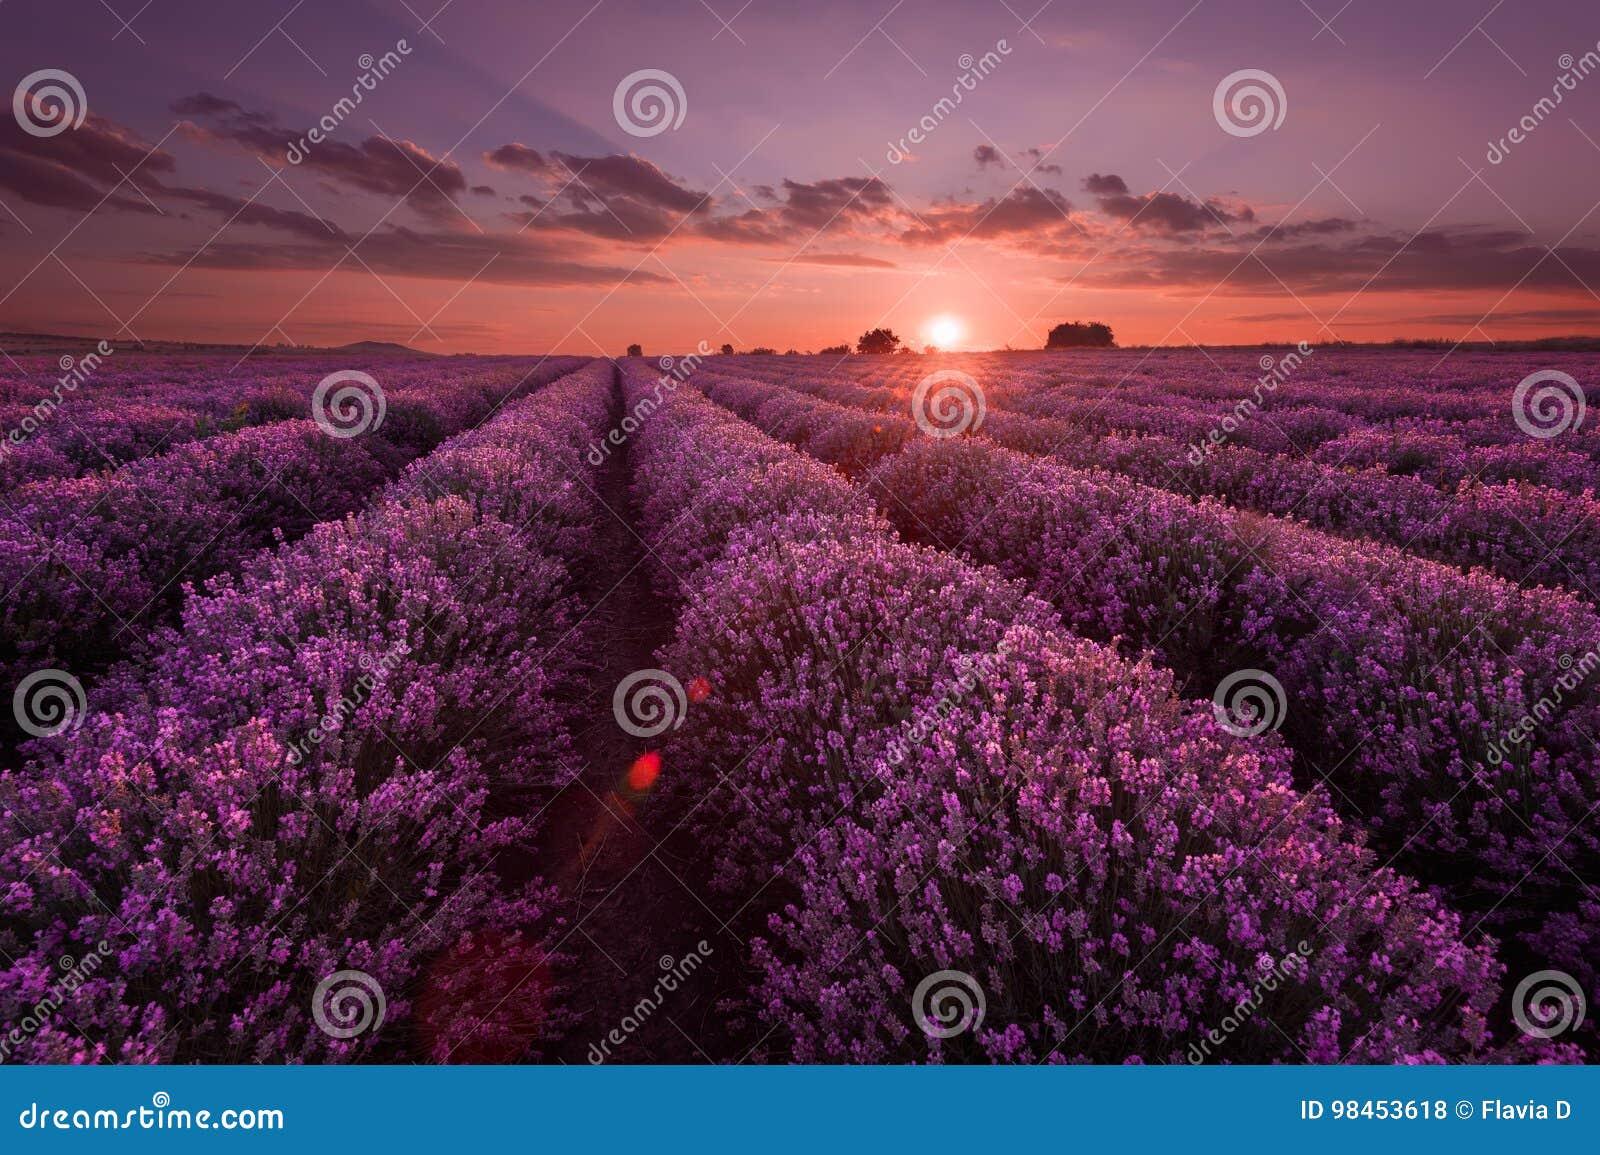 Lavendel-Felder Schönes Bild des Lavendelfeldes Sommersonnenunterganglandschaft, kontrastierende Farben Dunkle Wolken, drastische